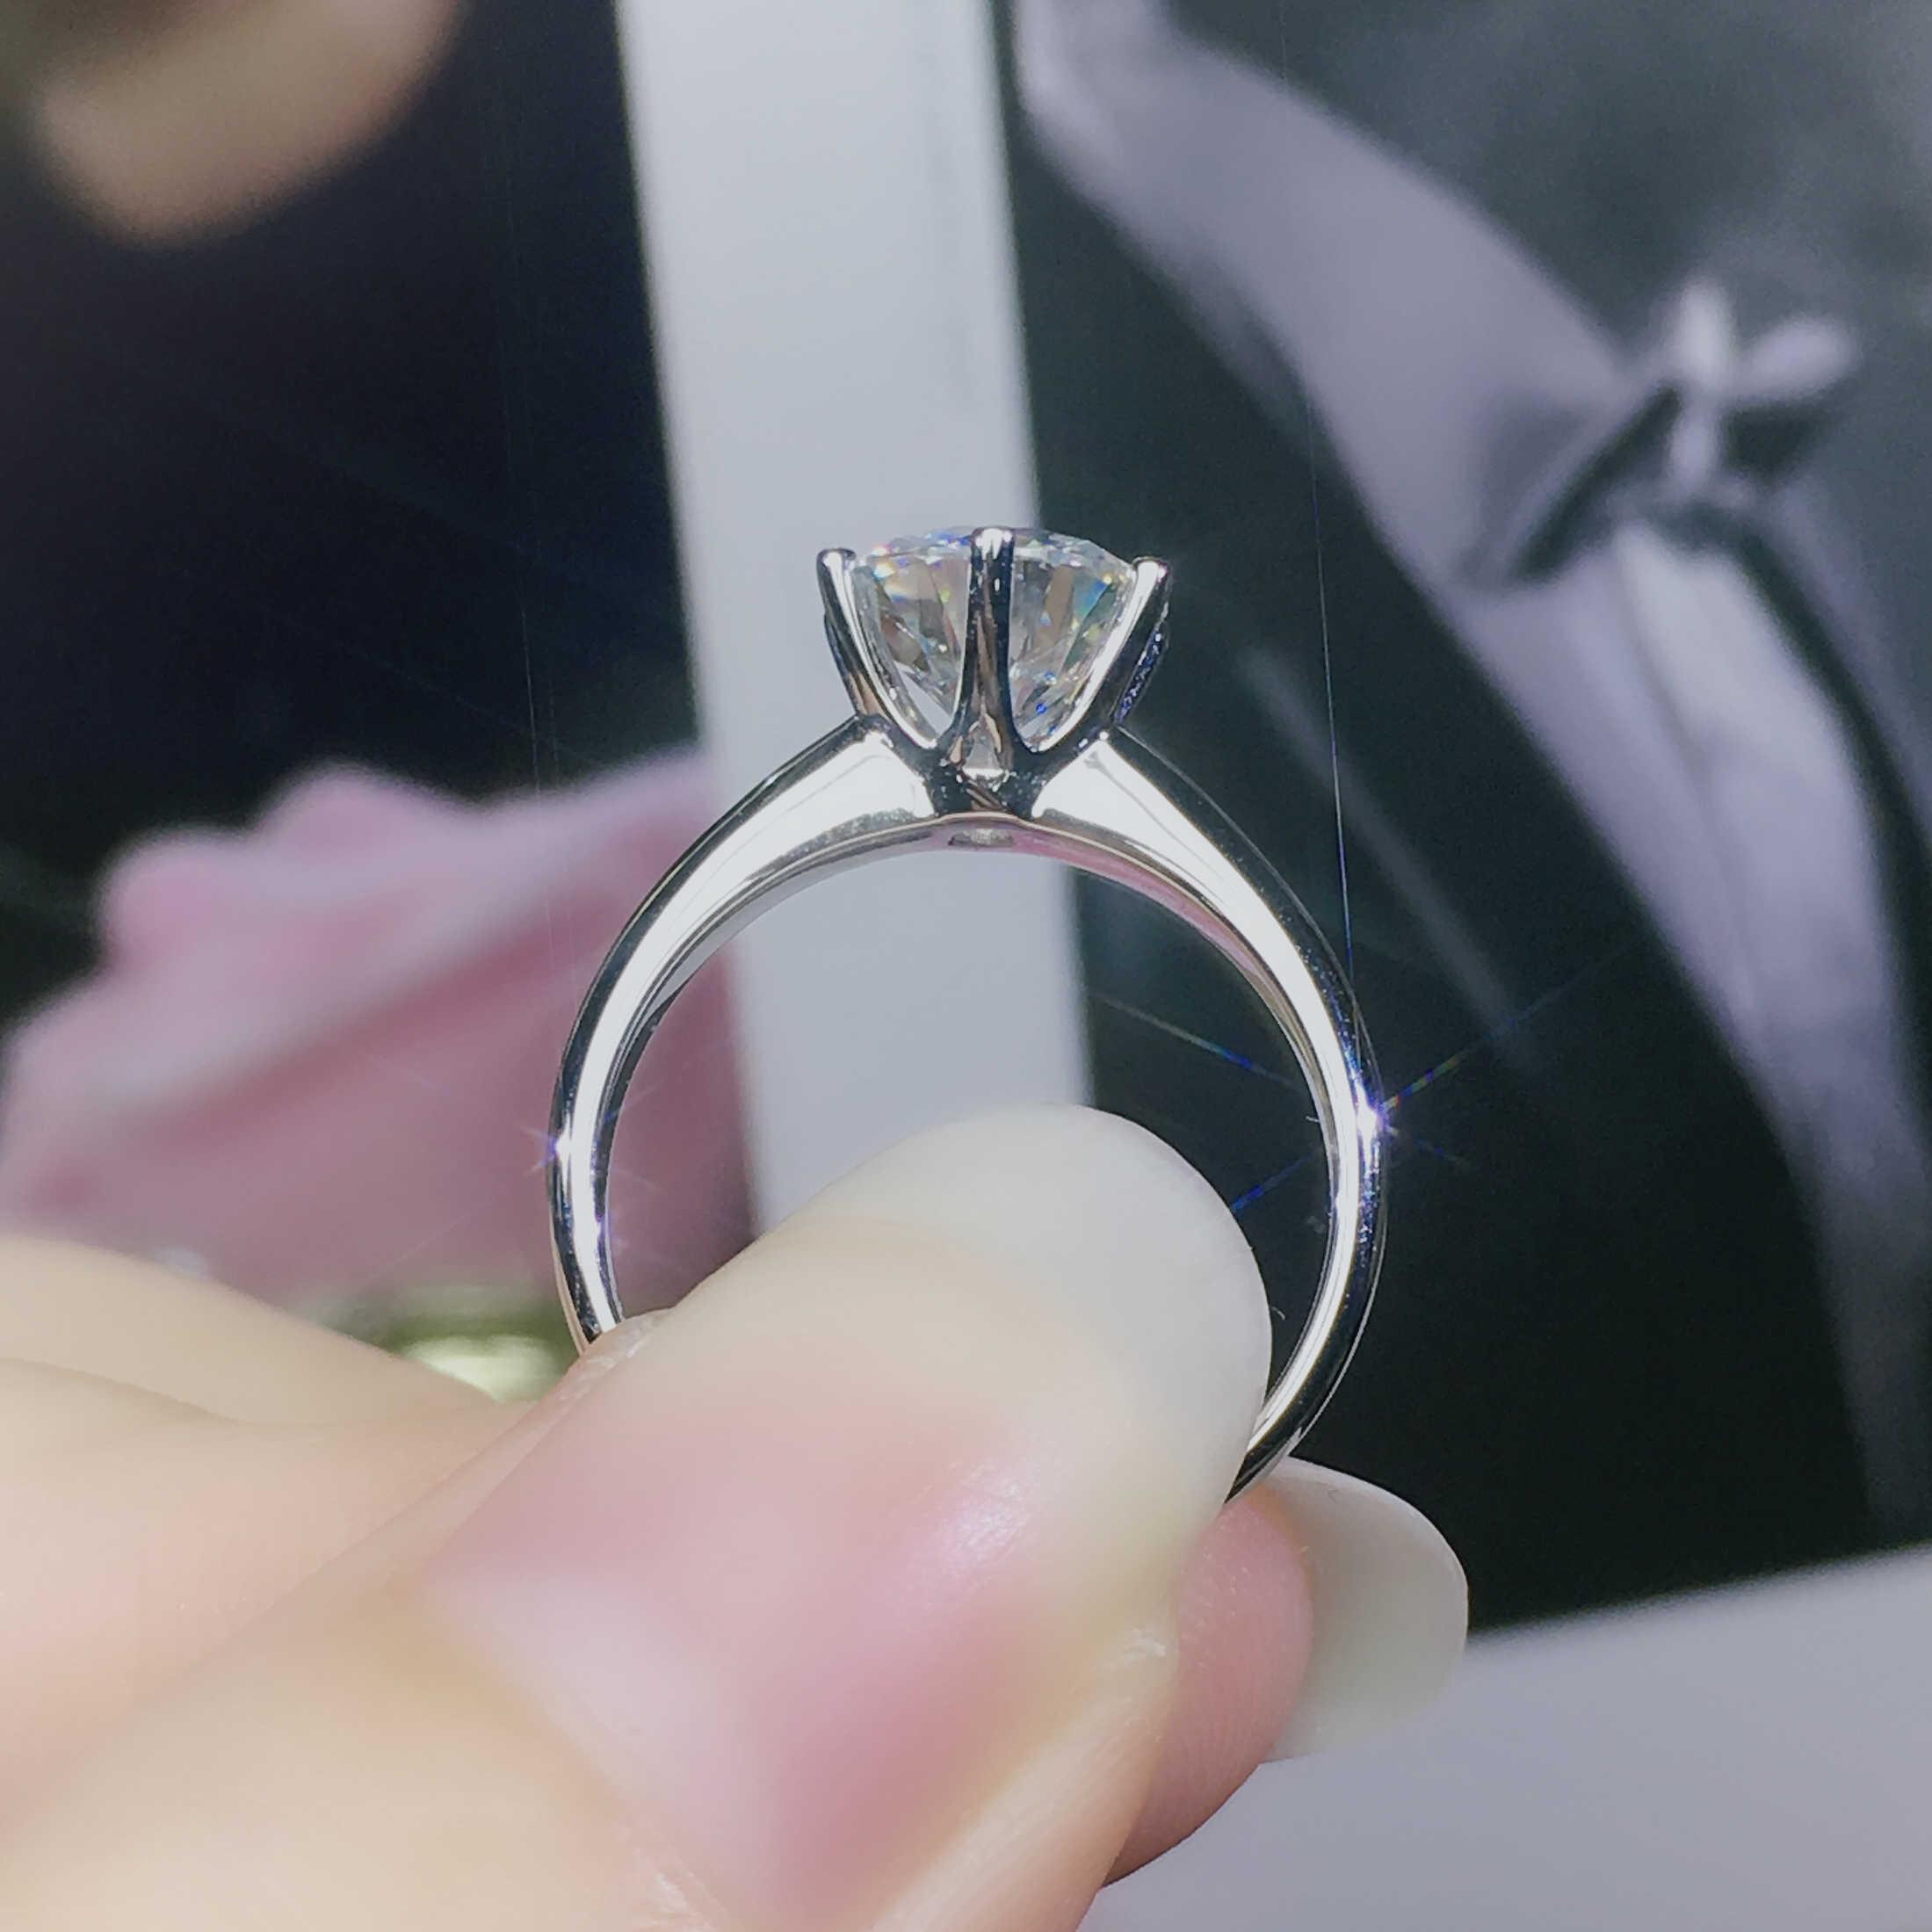 Klassische 925 Sterling Silber Moissanite Ring Einfache stil 1ct carat IJ farbe schmuck Jahrestag Ring